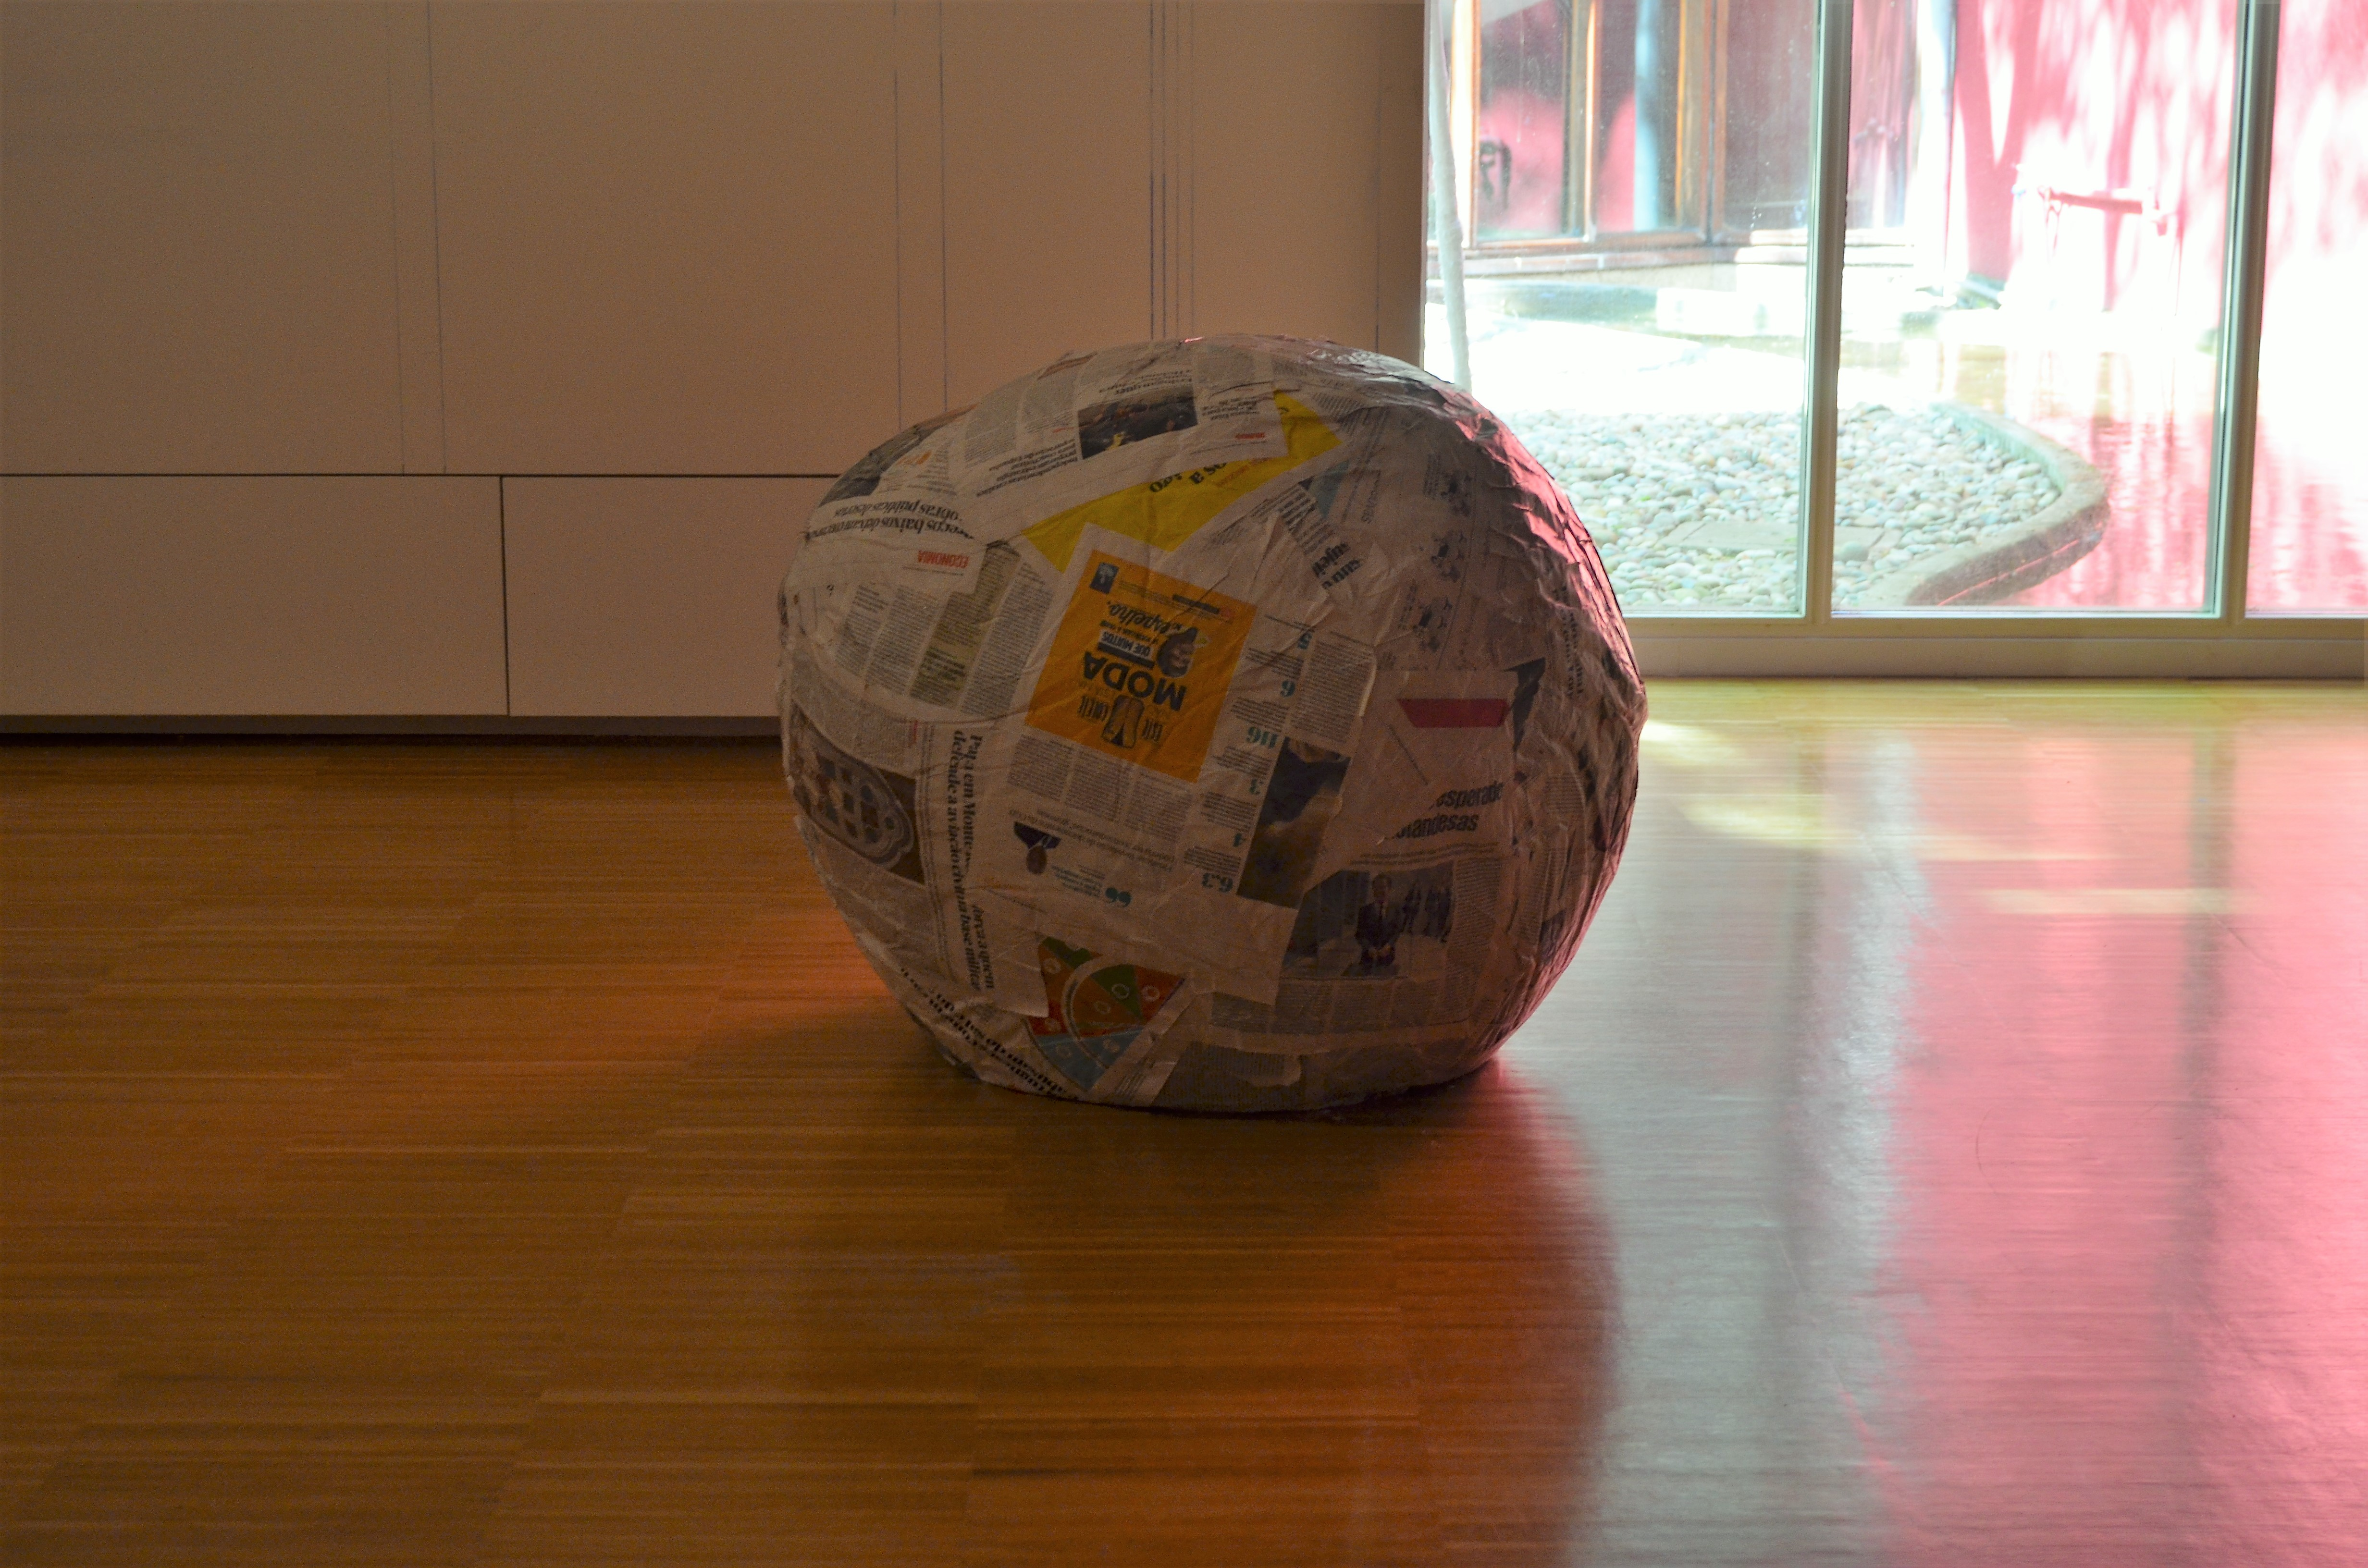 """Michelangelo Pistoletto idealizou uma """"escultura para passear"""", onde uma grande bola feita de jornal pode ser passeada pelas ruas."""